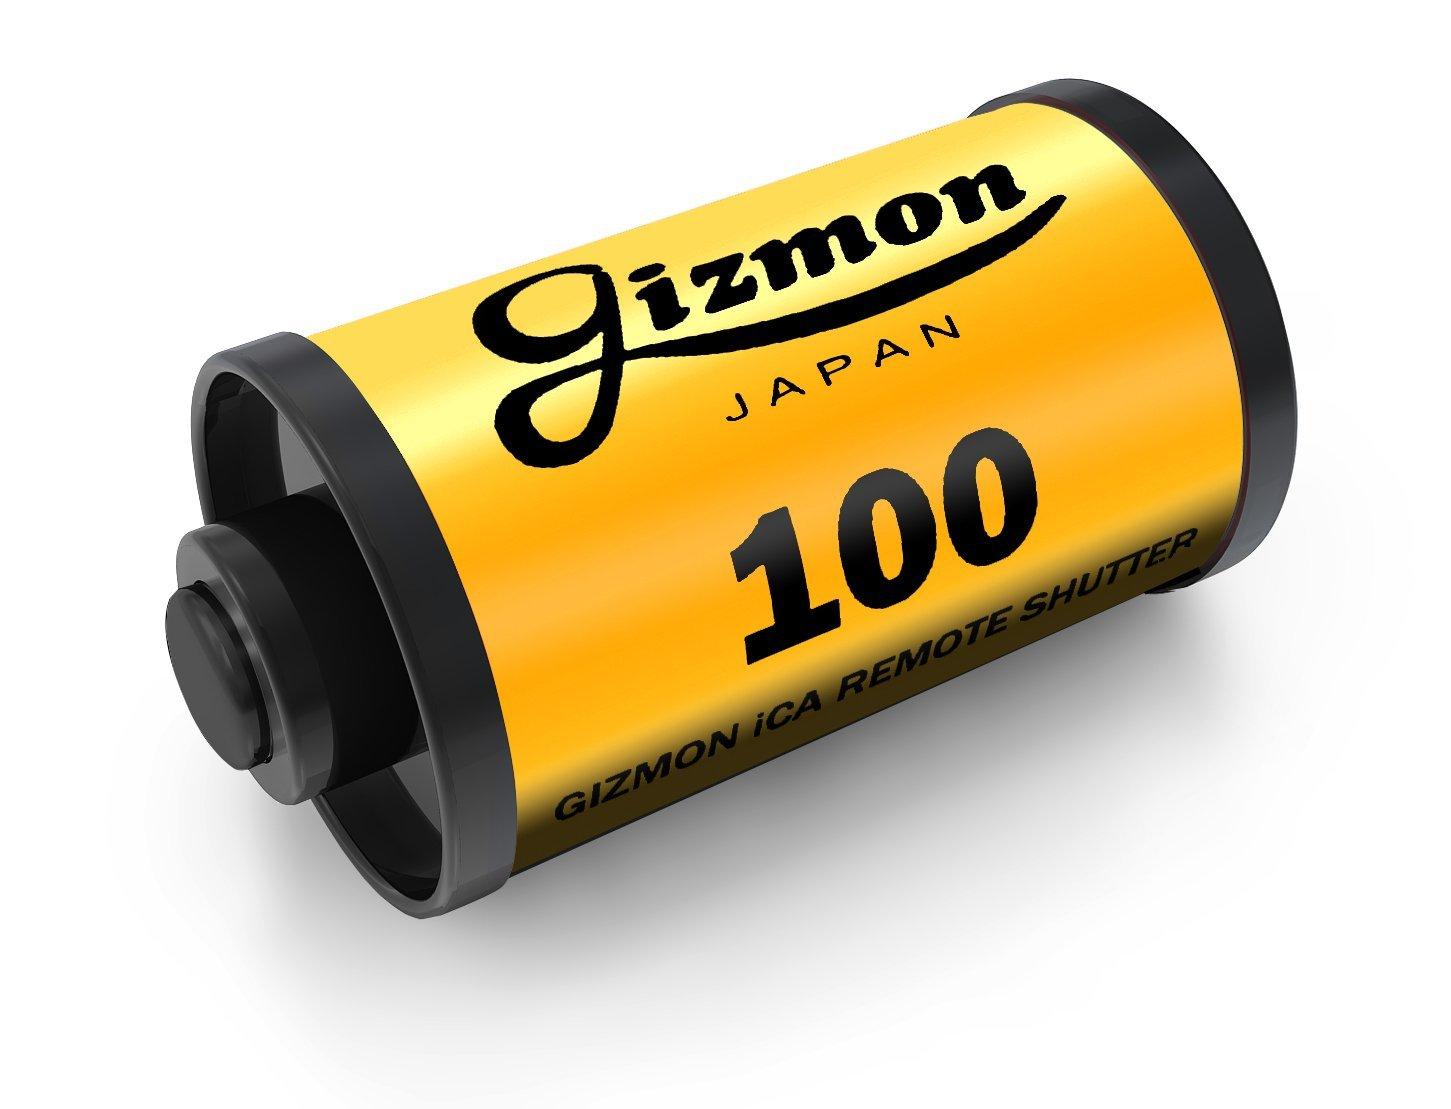 gizmon otturatore remoto giallo